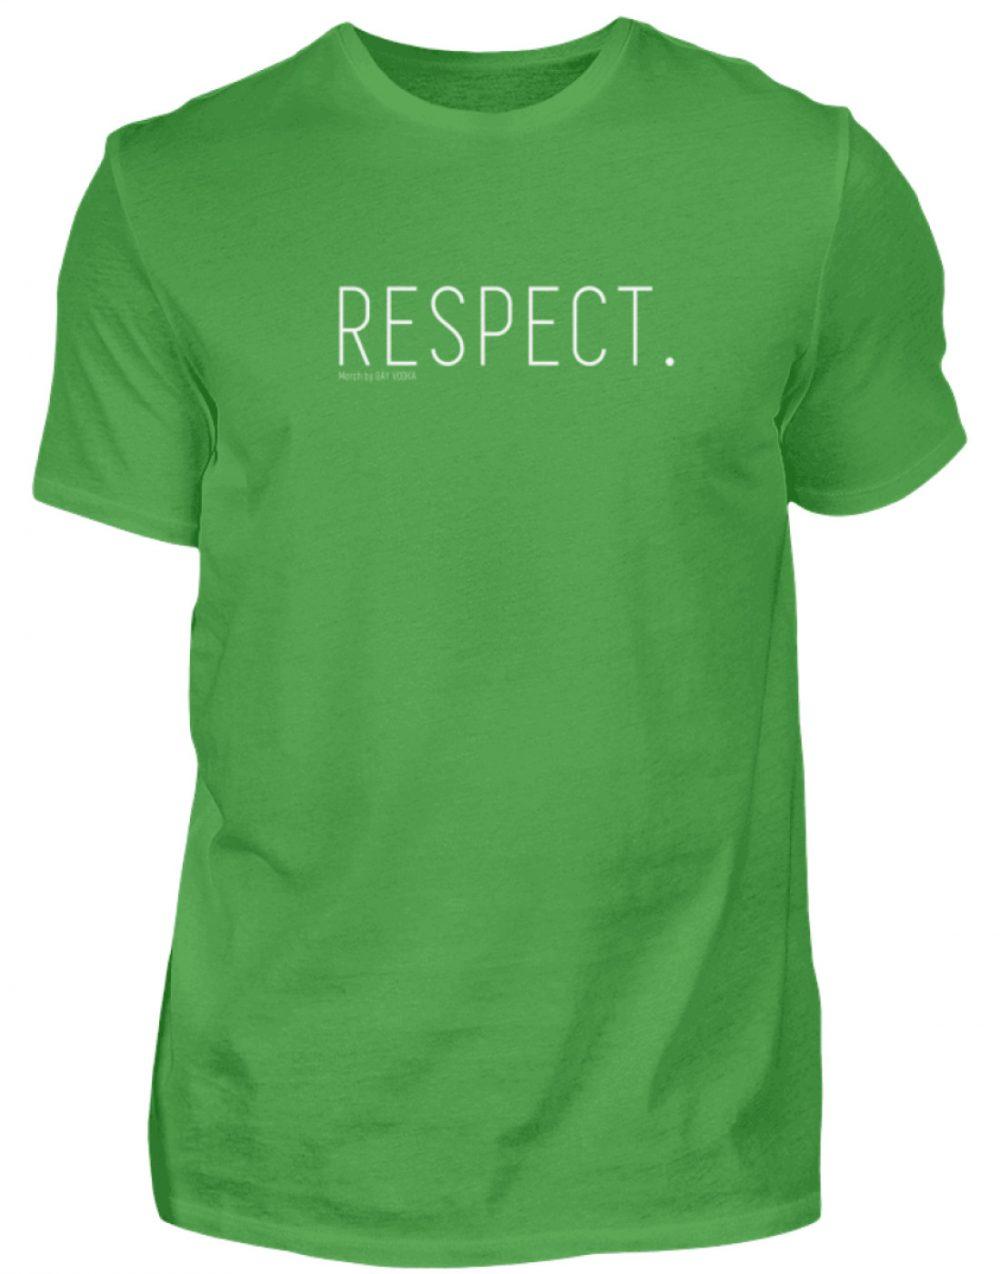 RESPECT. - Herren Premiumshirt-2971